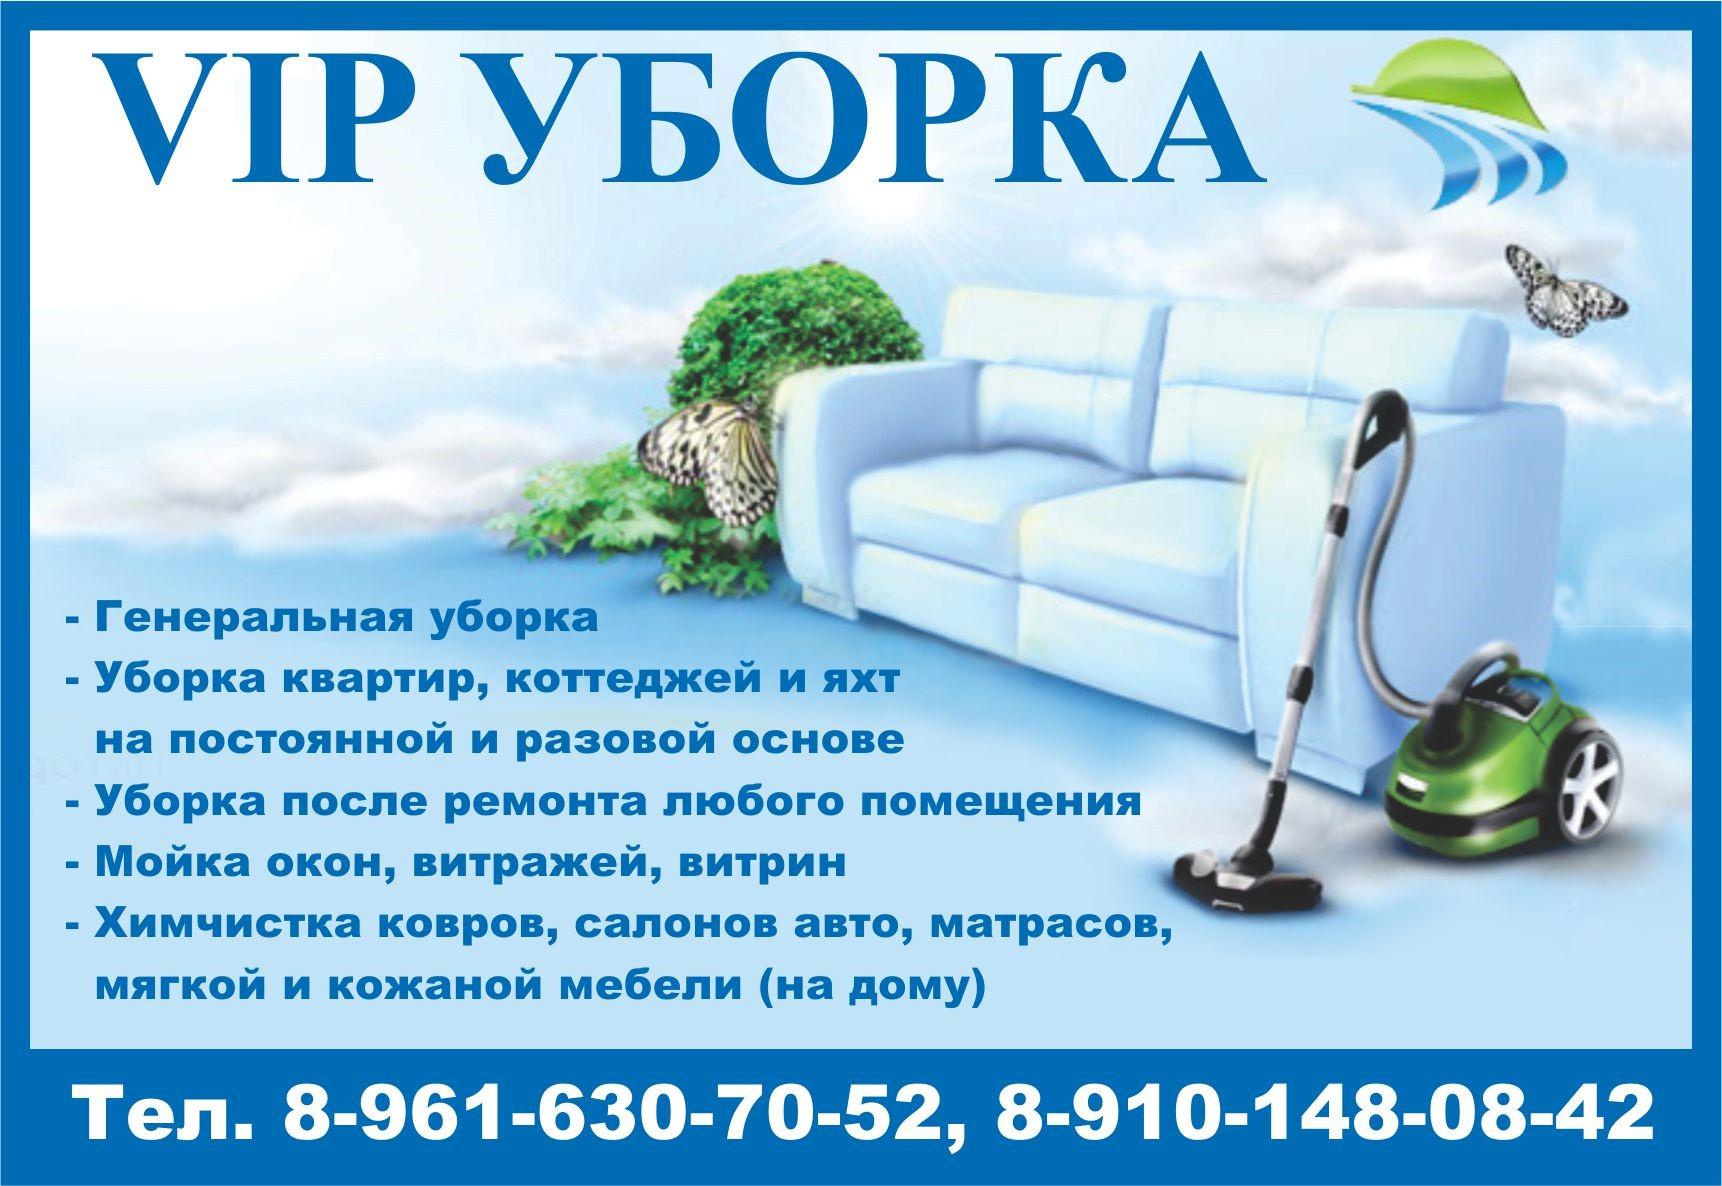 Визитки для клининговой компании в Москве | фото 4